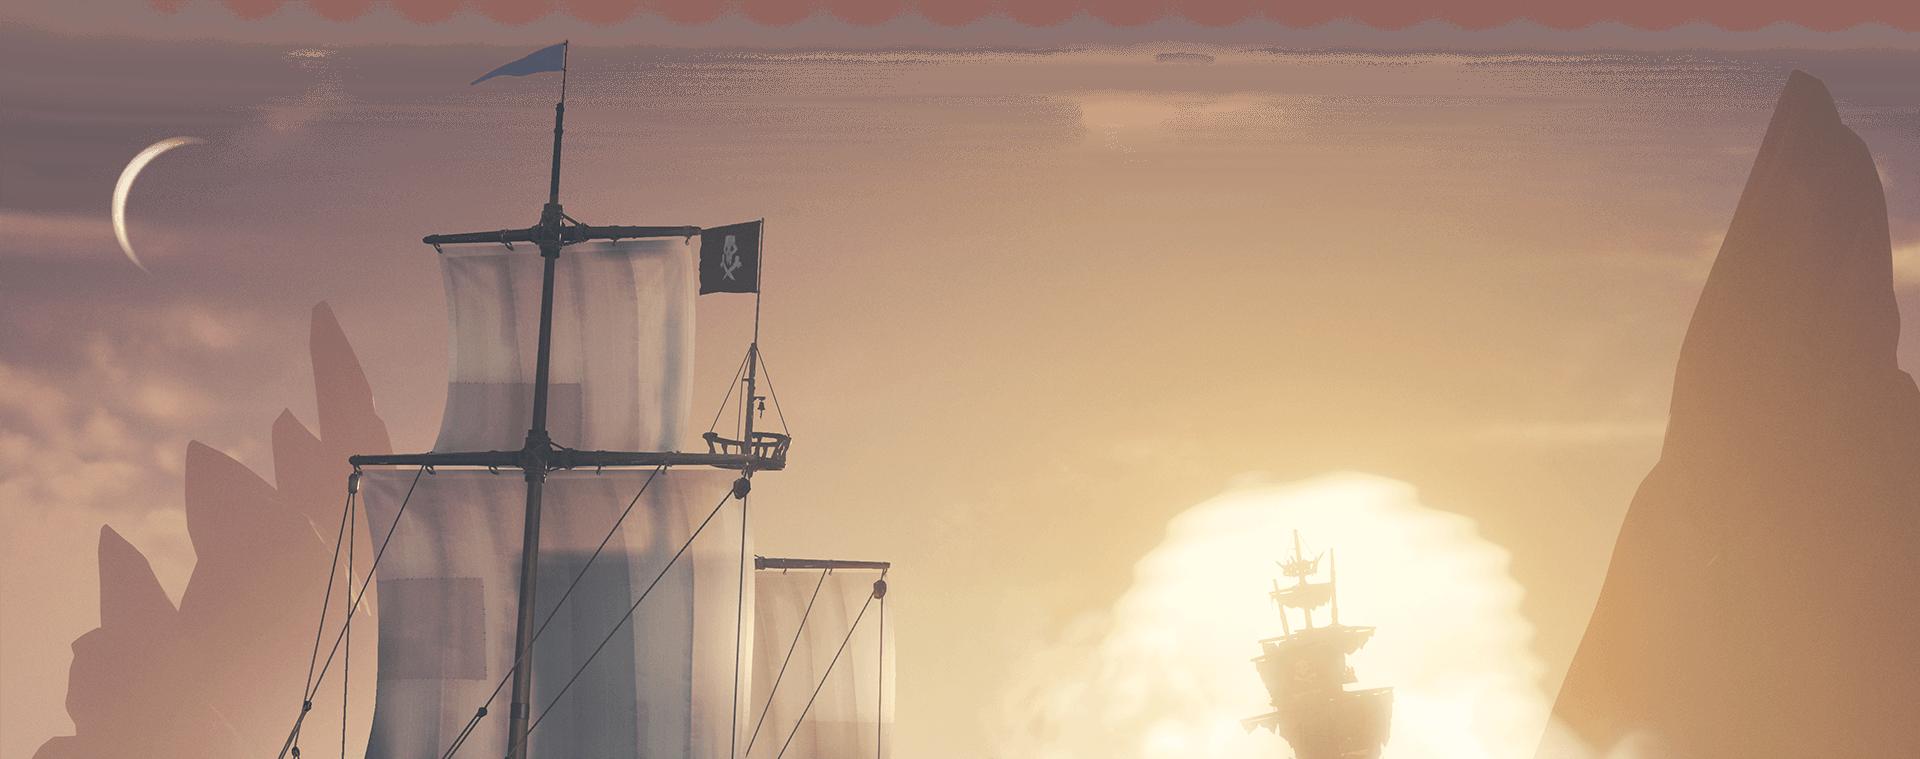 Vista trasera de dos barcos flotando en la distancia